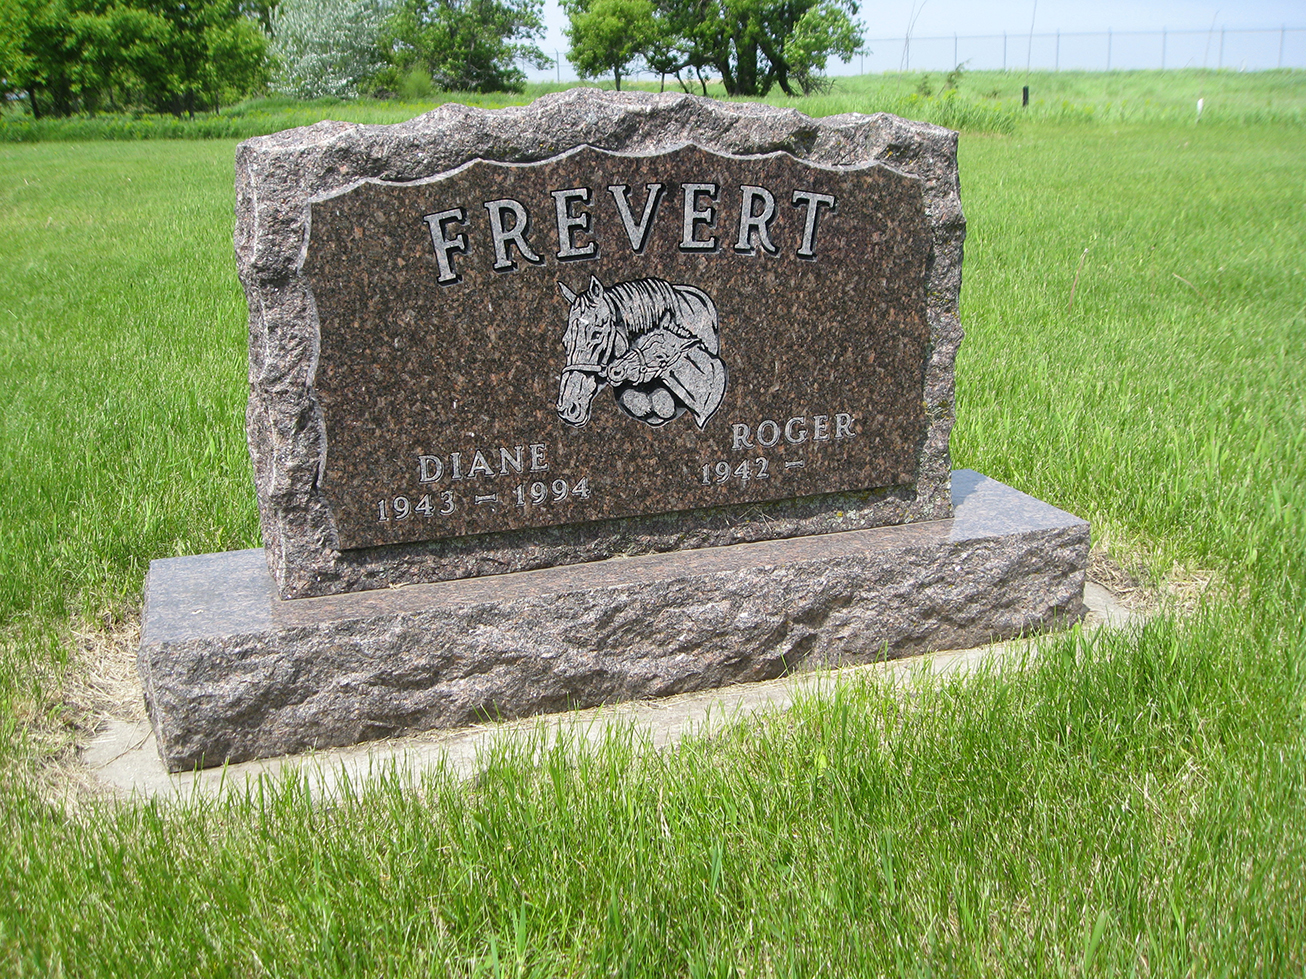 Frevertrobert12 2